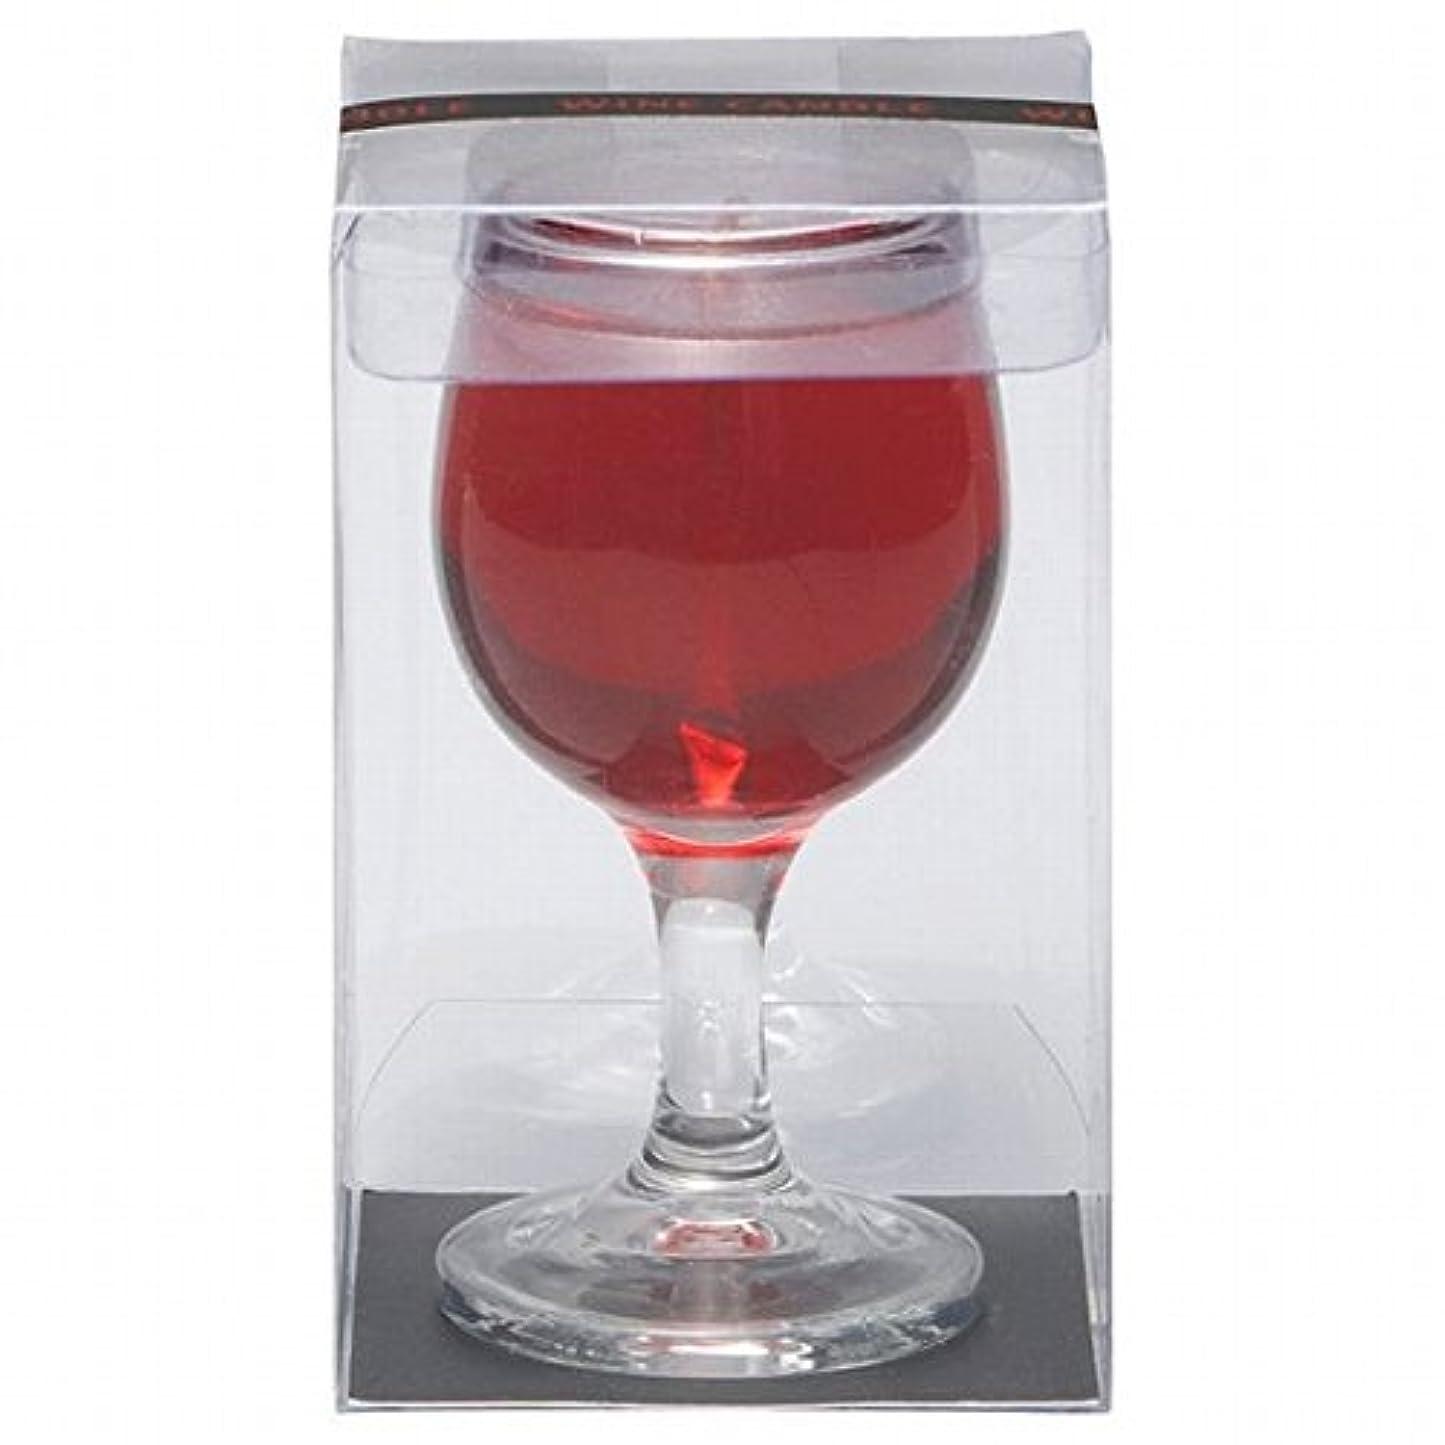 急襲ダイバー耐えるカメヤマキャンドル(kameyama candle) ワインキャンドル